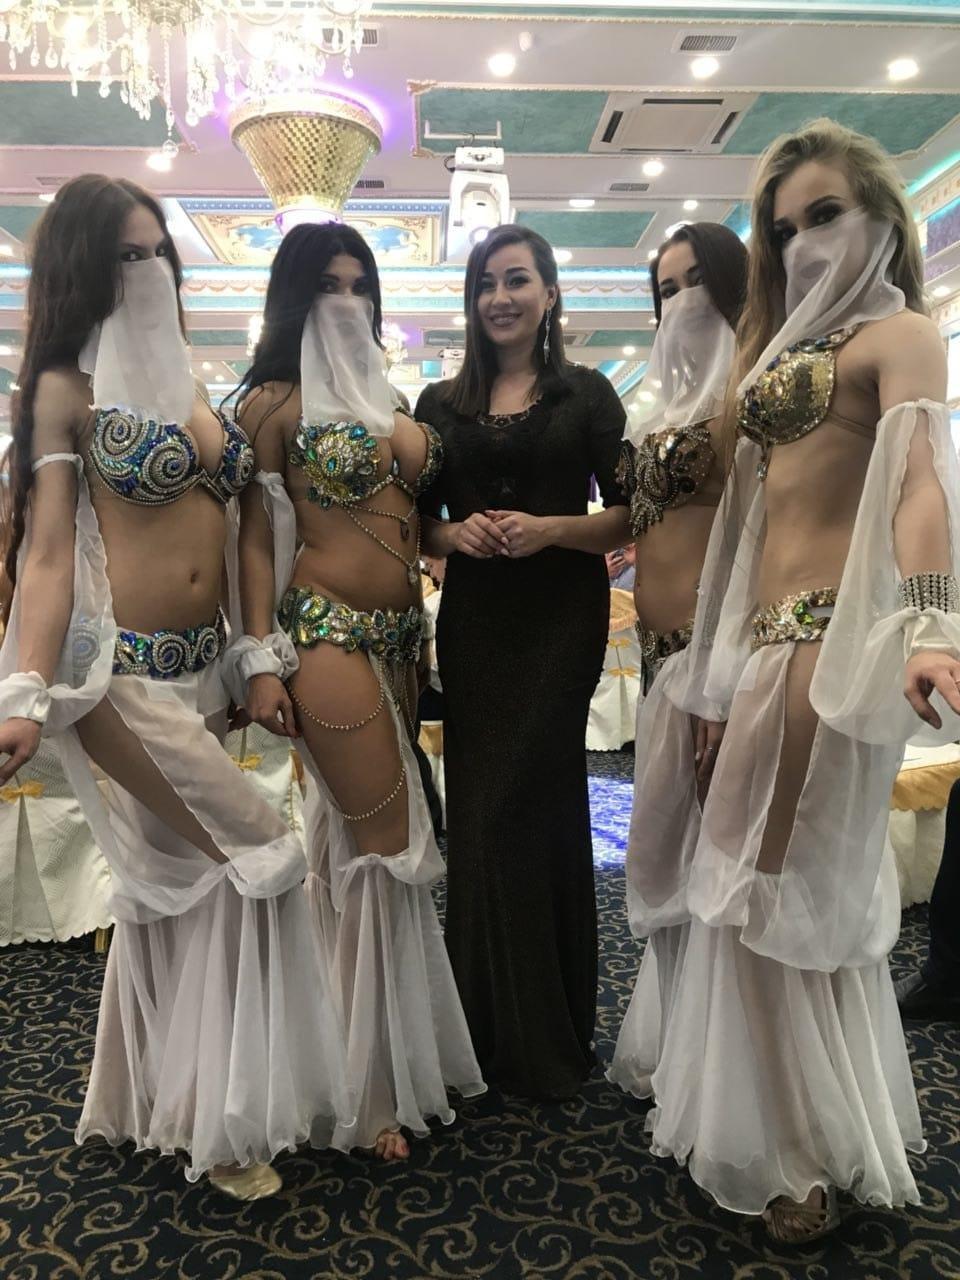 Фото арабских танцовщиц на свадьбах